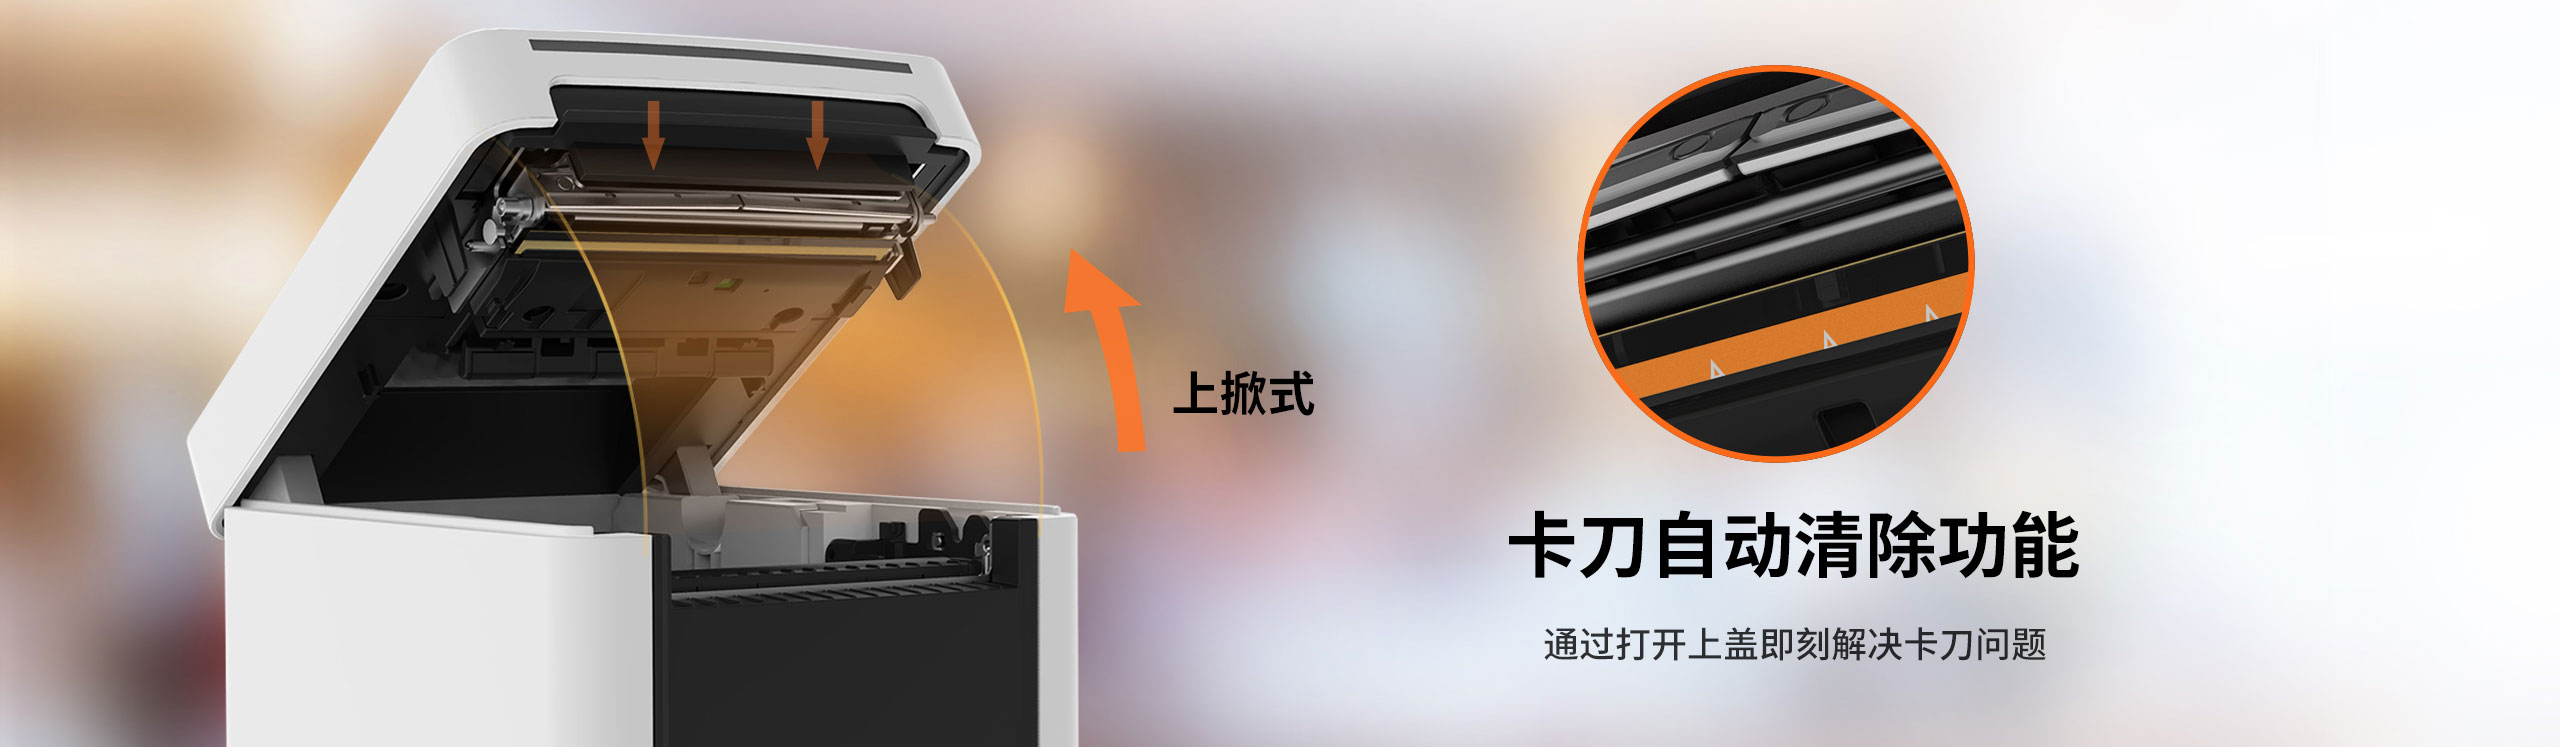 TP809热敏票据打印机,黑白两色可选  第23张